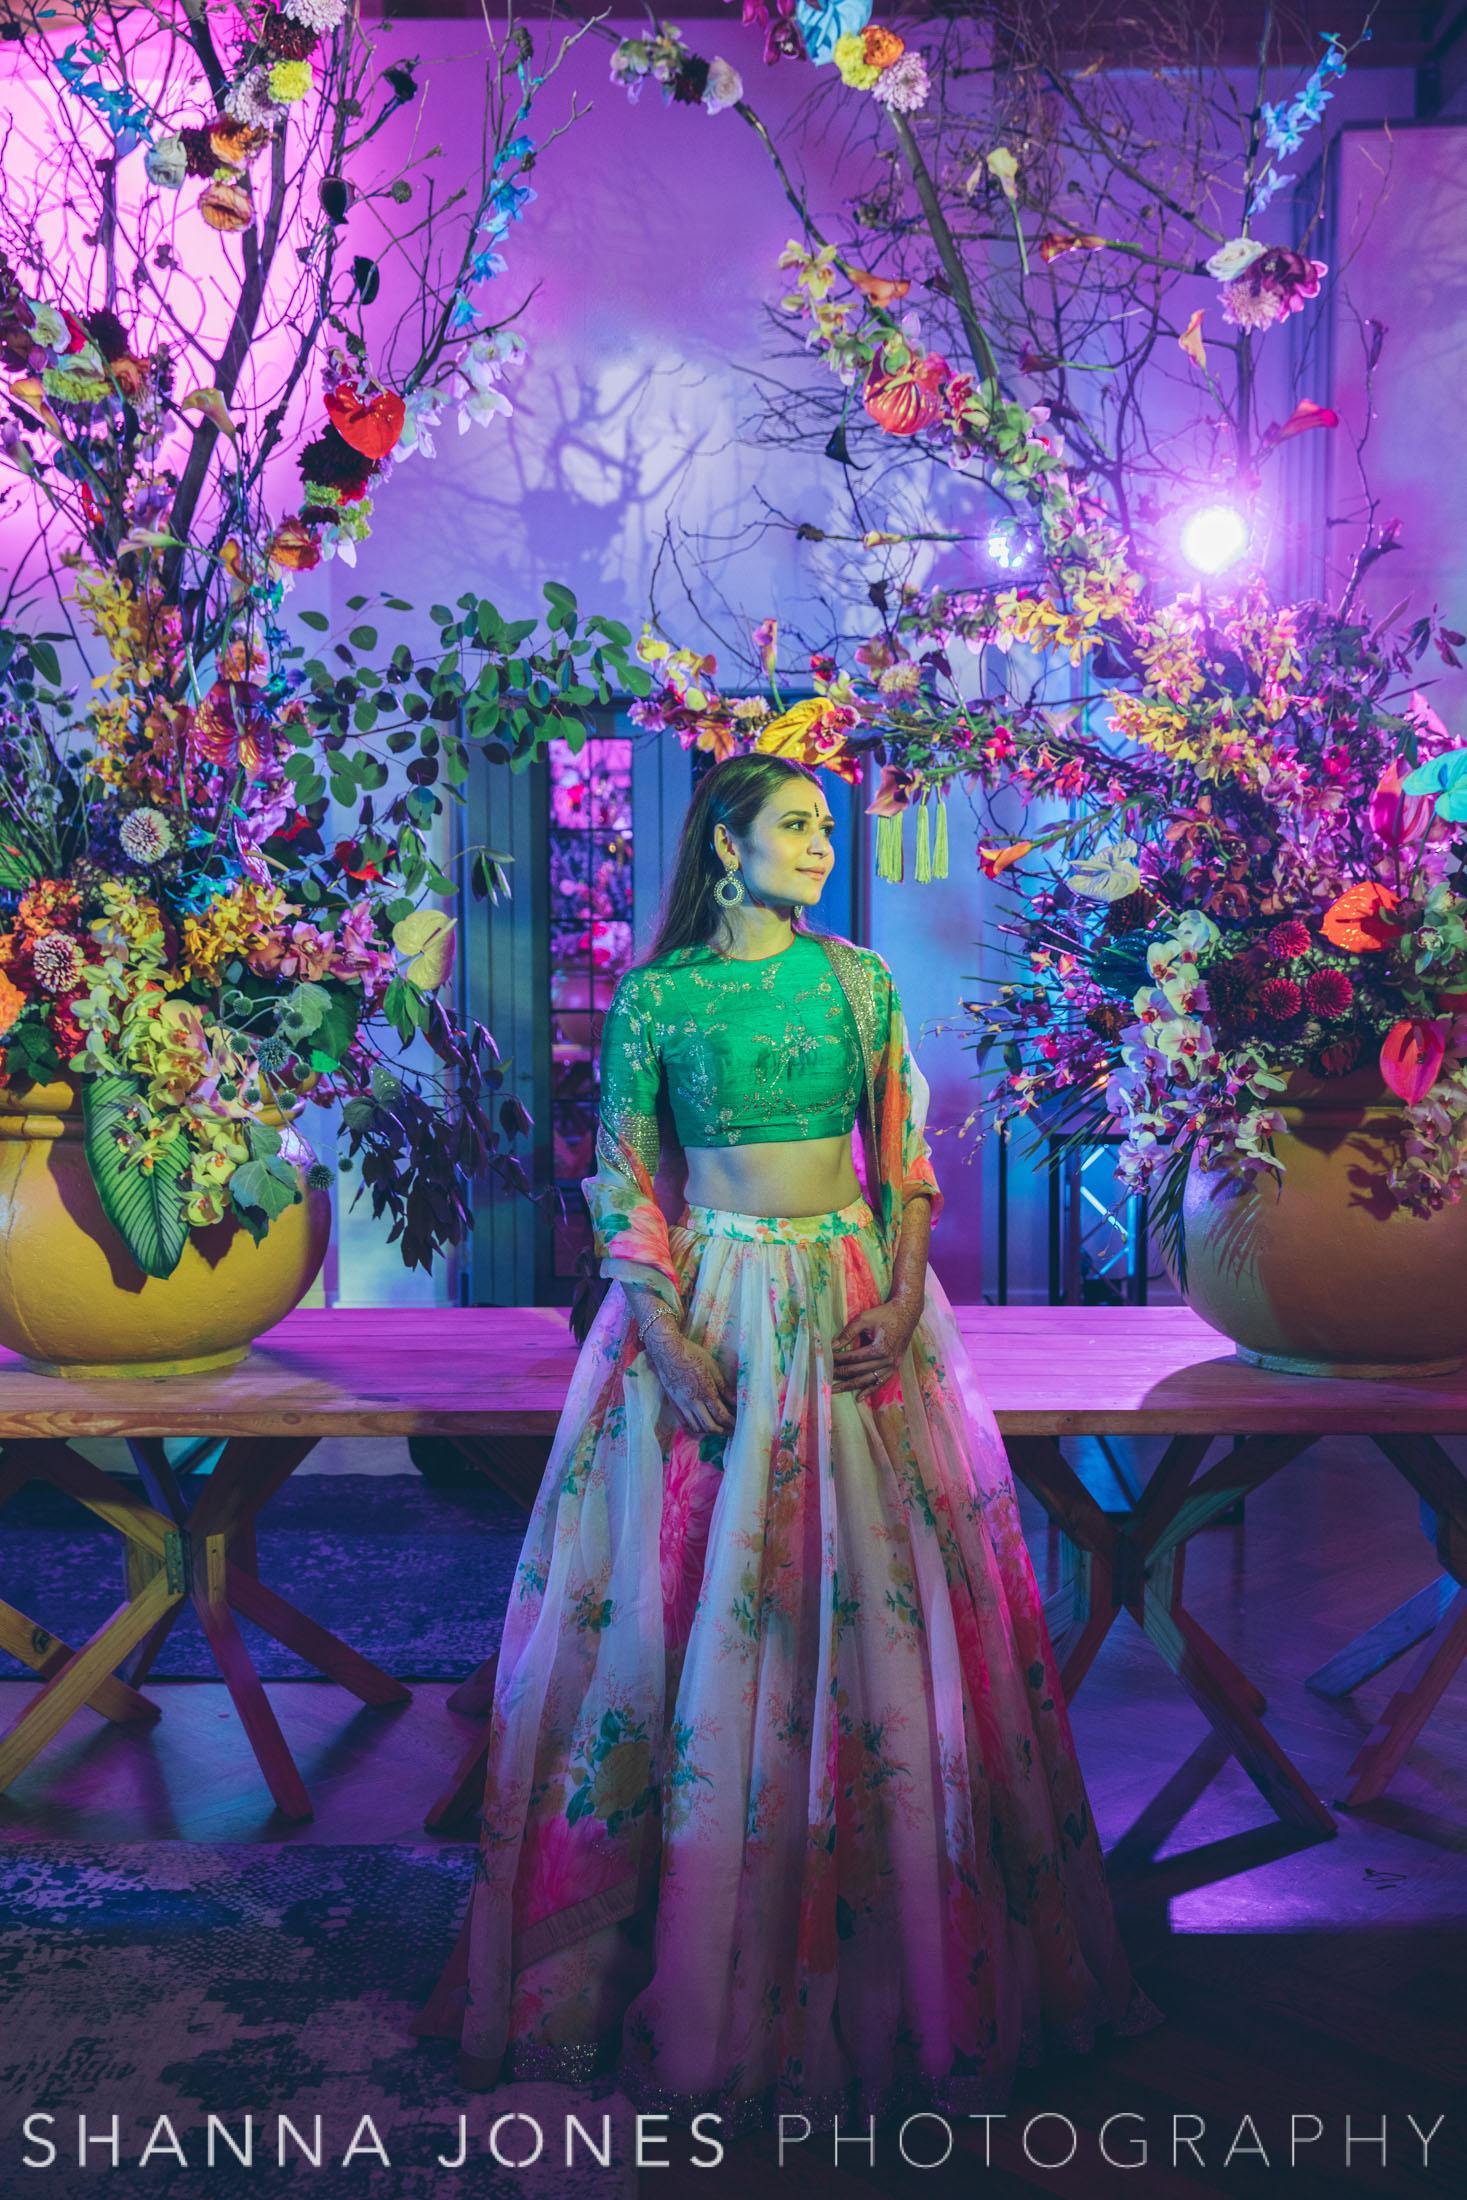 molenvliet-stellenbosch-cape-town-hindu-wedding-shanna-jones-photography-charlotte-kush-330.jpg